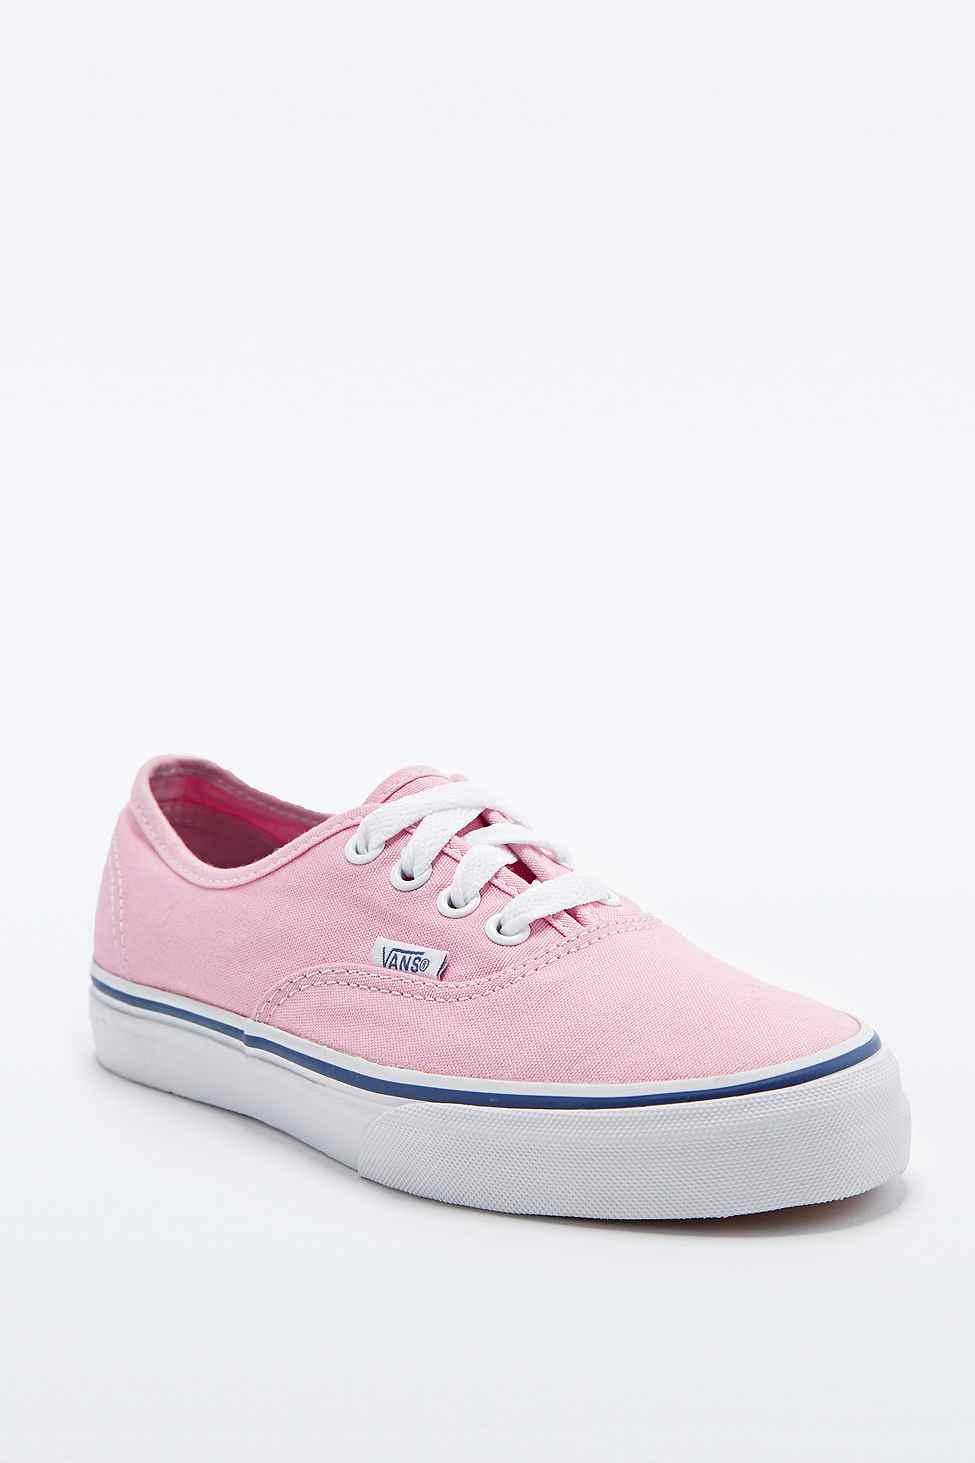 vans femme rose